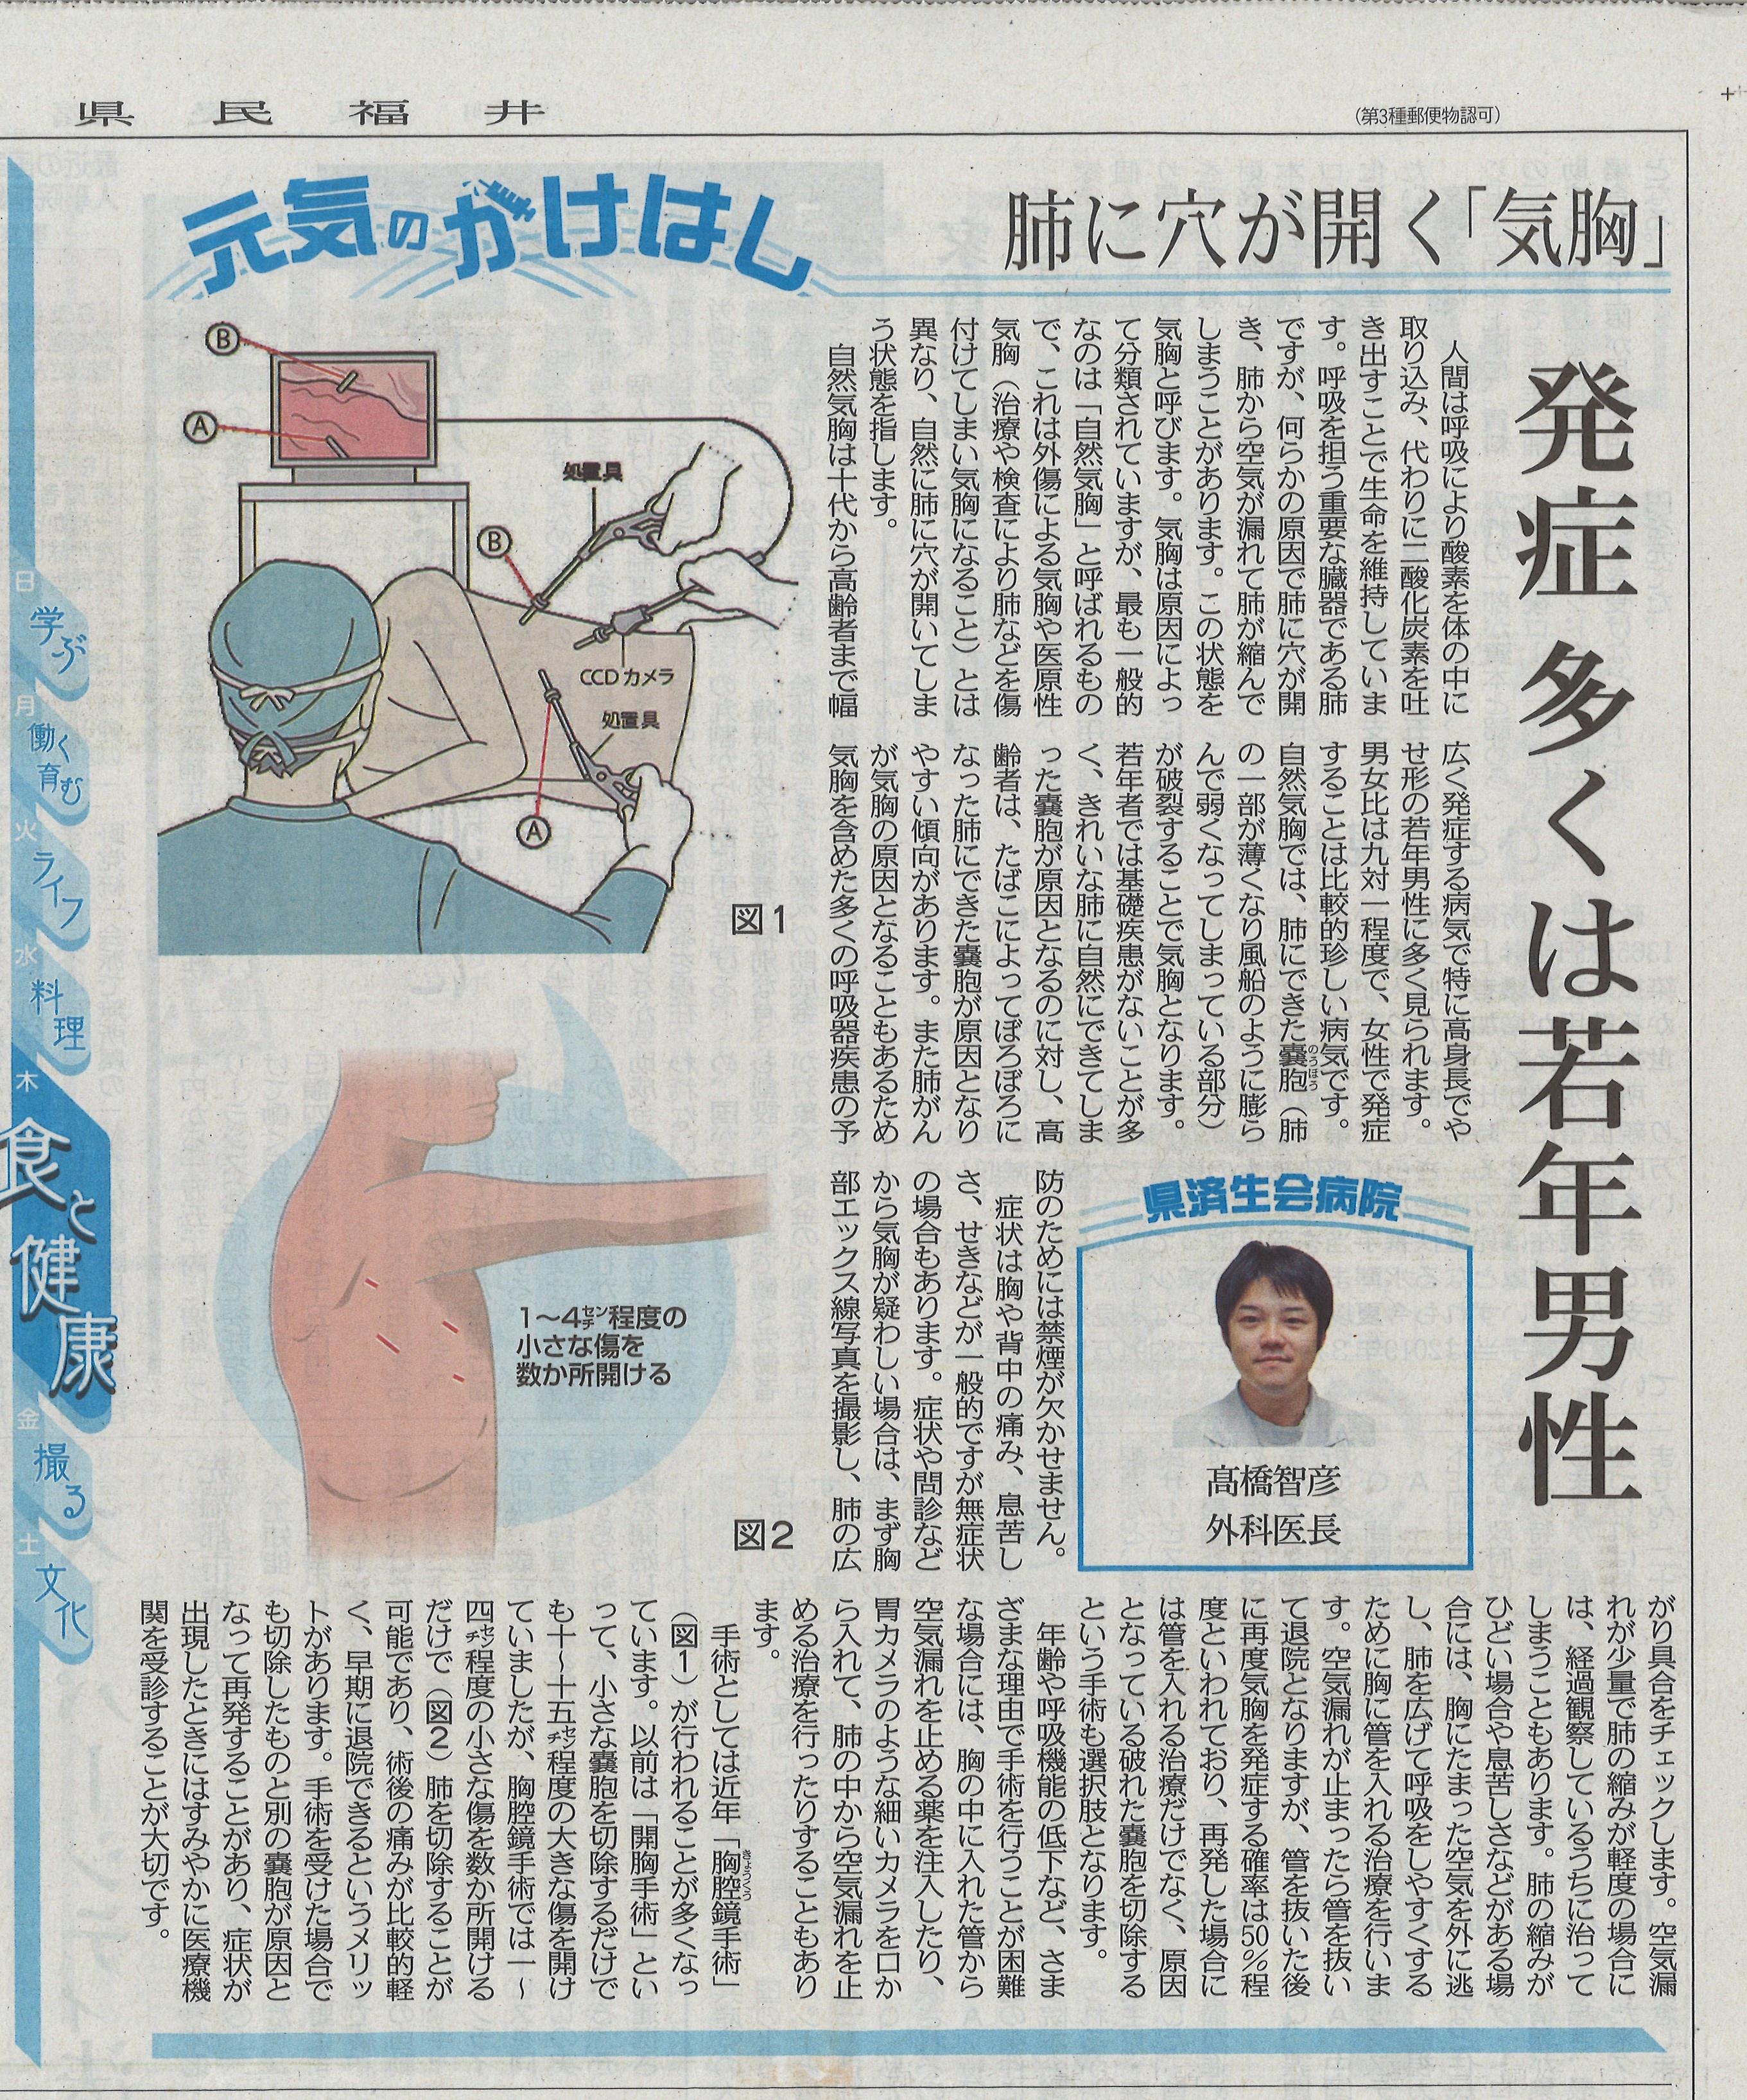 2020年5月21日 日刊県民福井